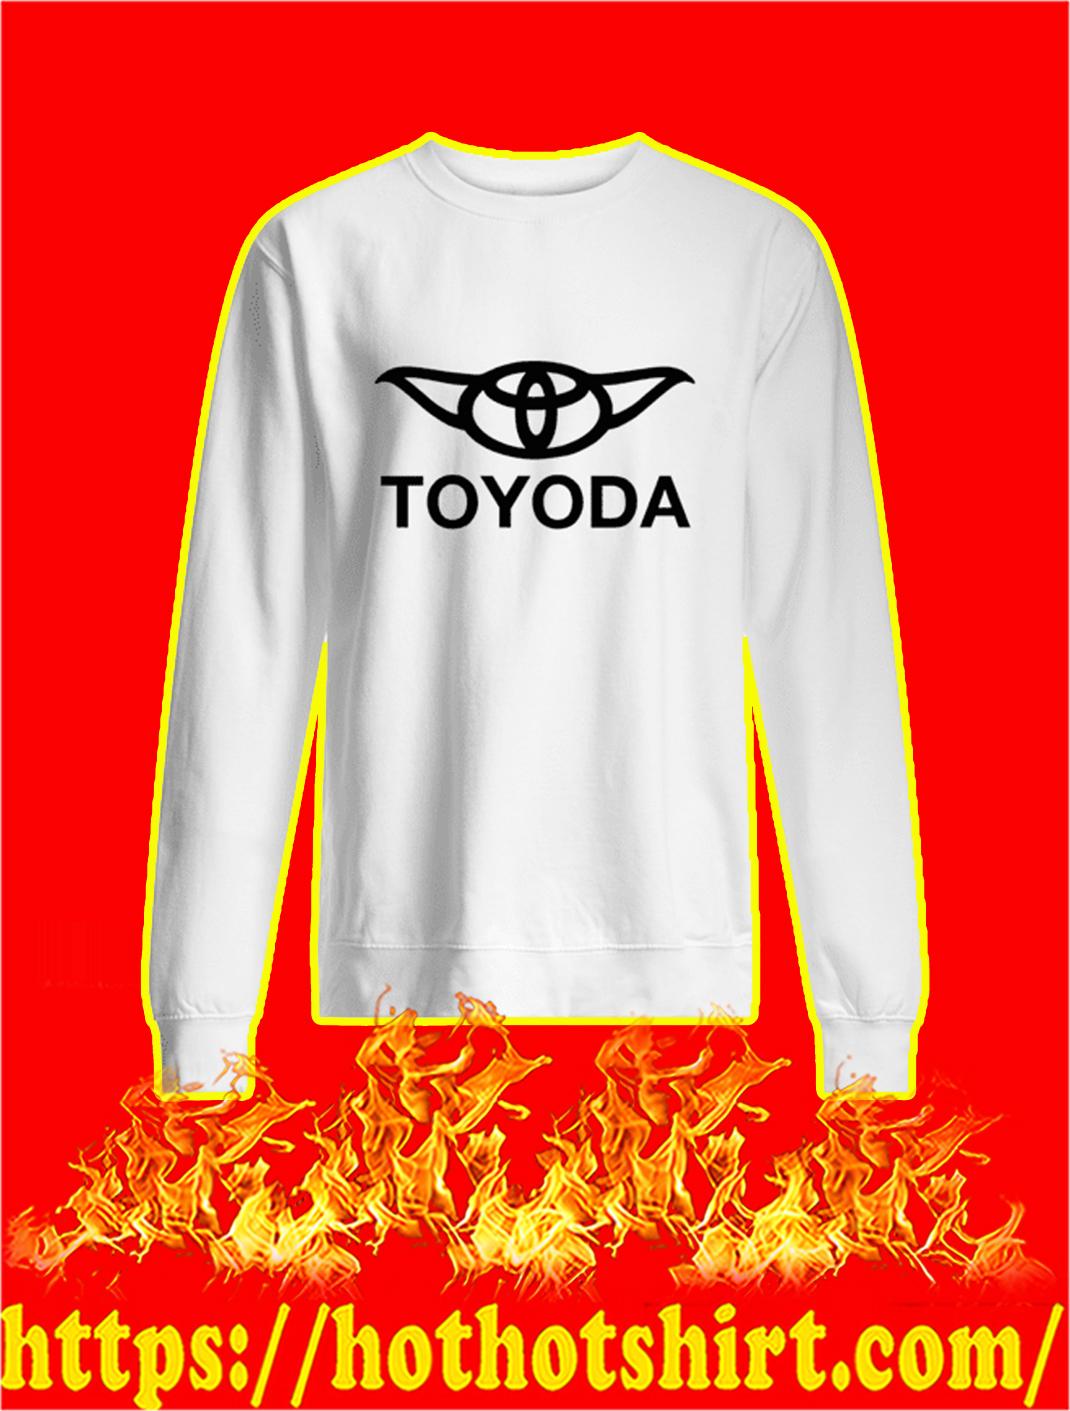 Toyoda sweatshirt